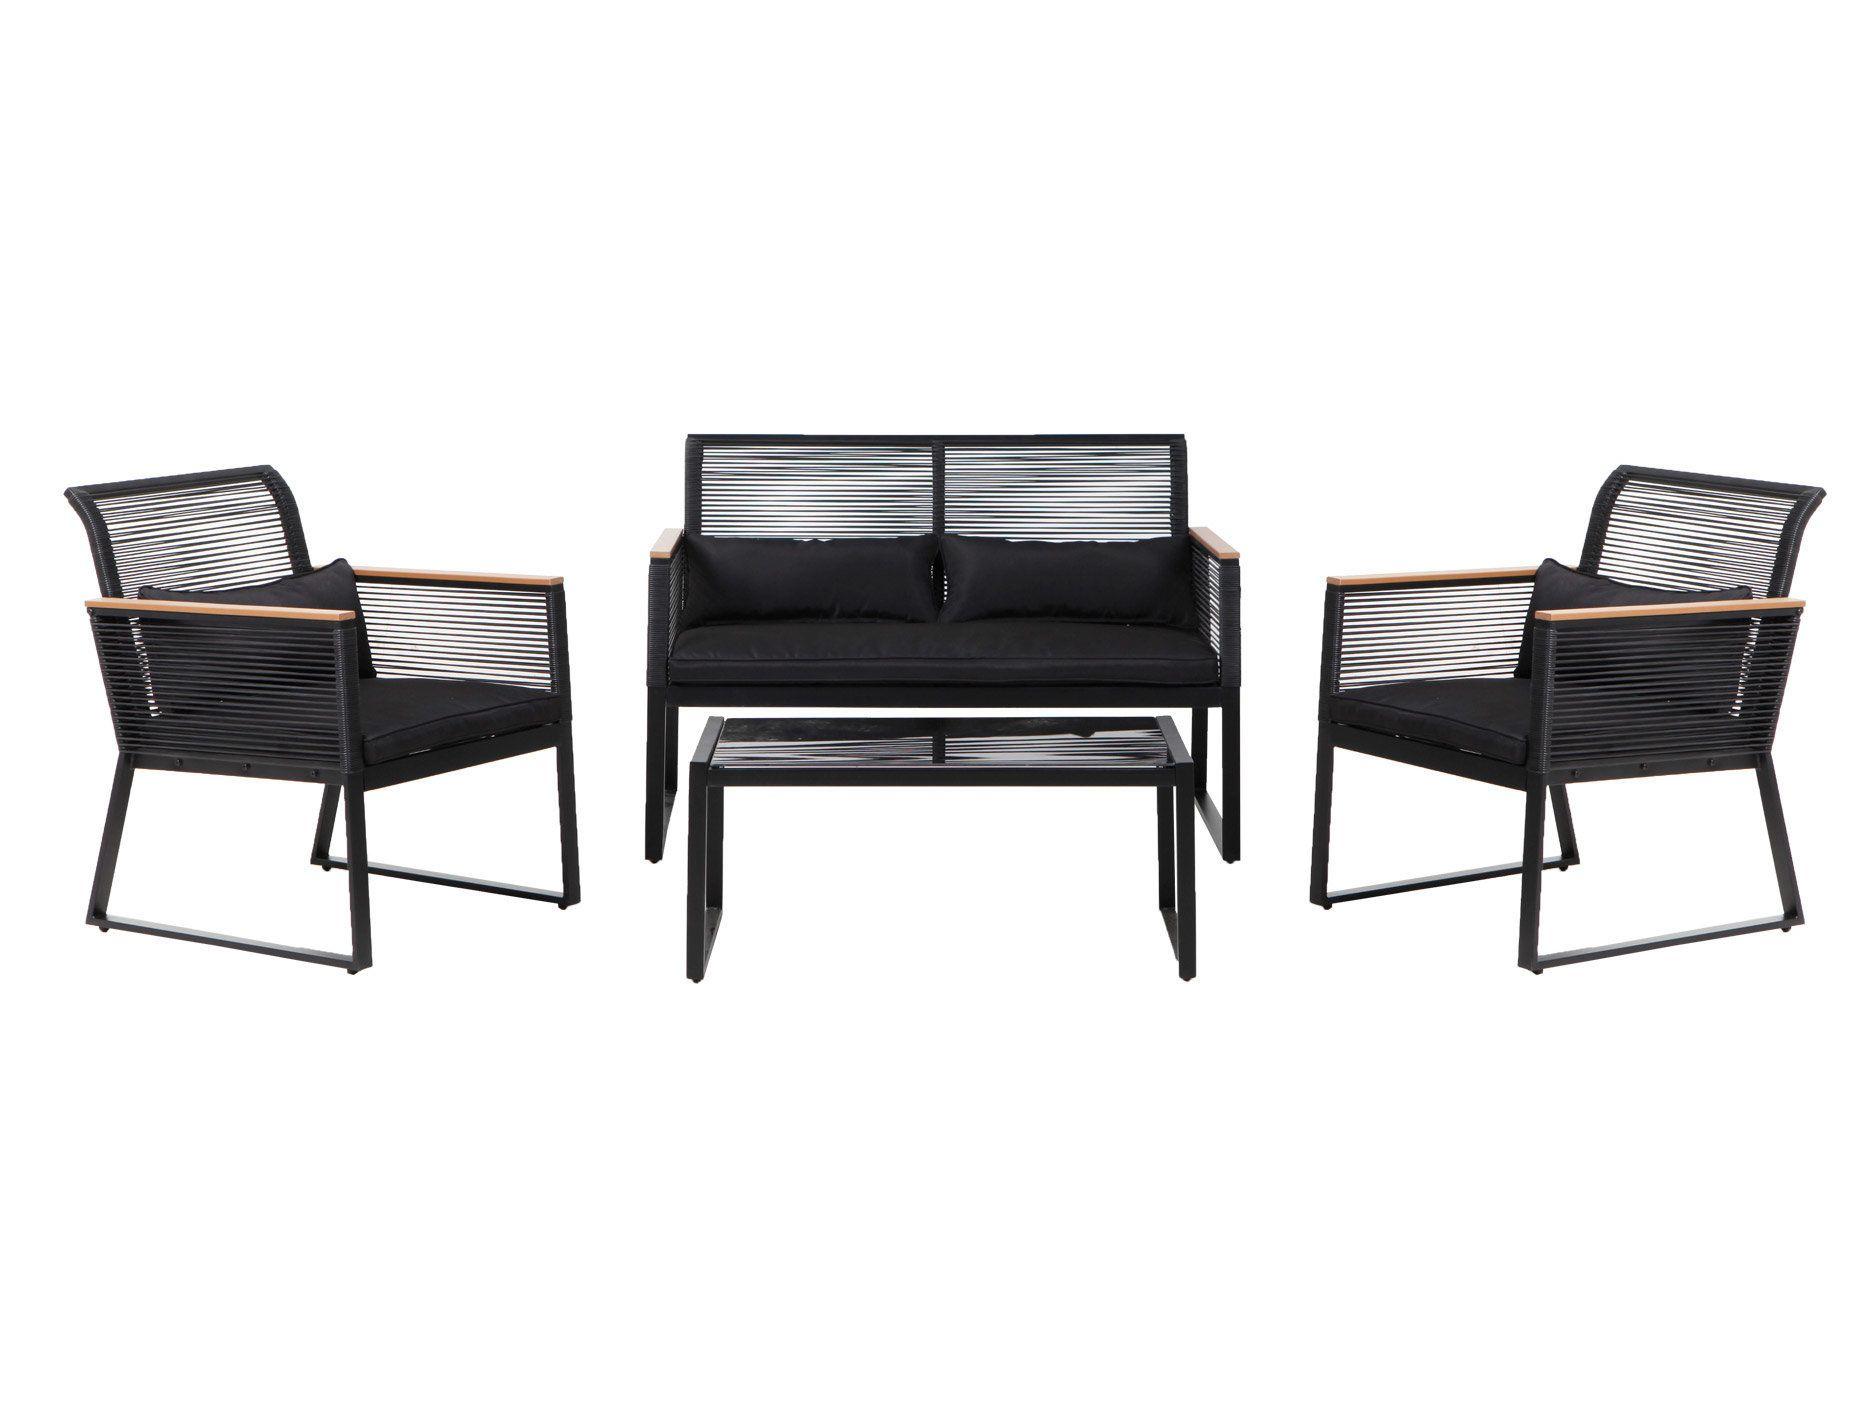 Salon de jardin 4 places acier noir : 1 table basse + 1 canapé + 2 ...